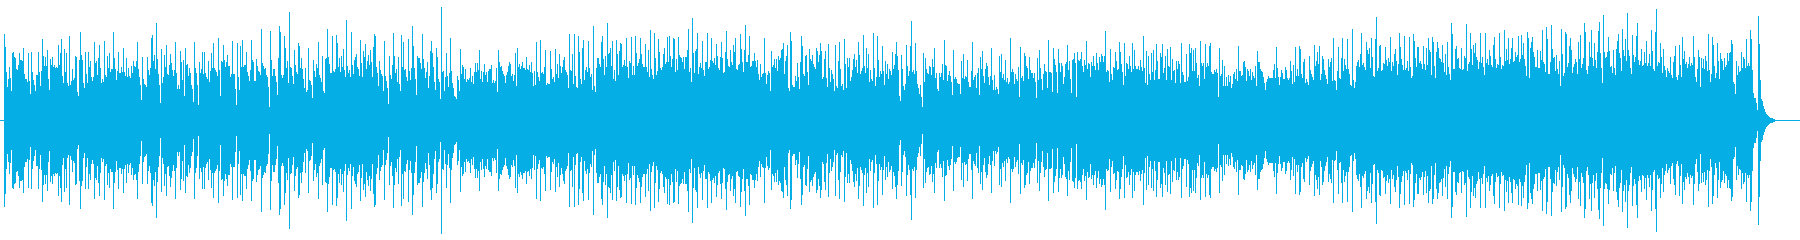 ほのぼのと明るく楽しい雰囲気のBGMの再生済みの波形